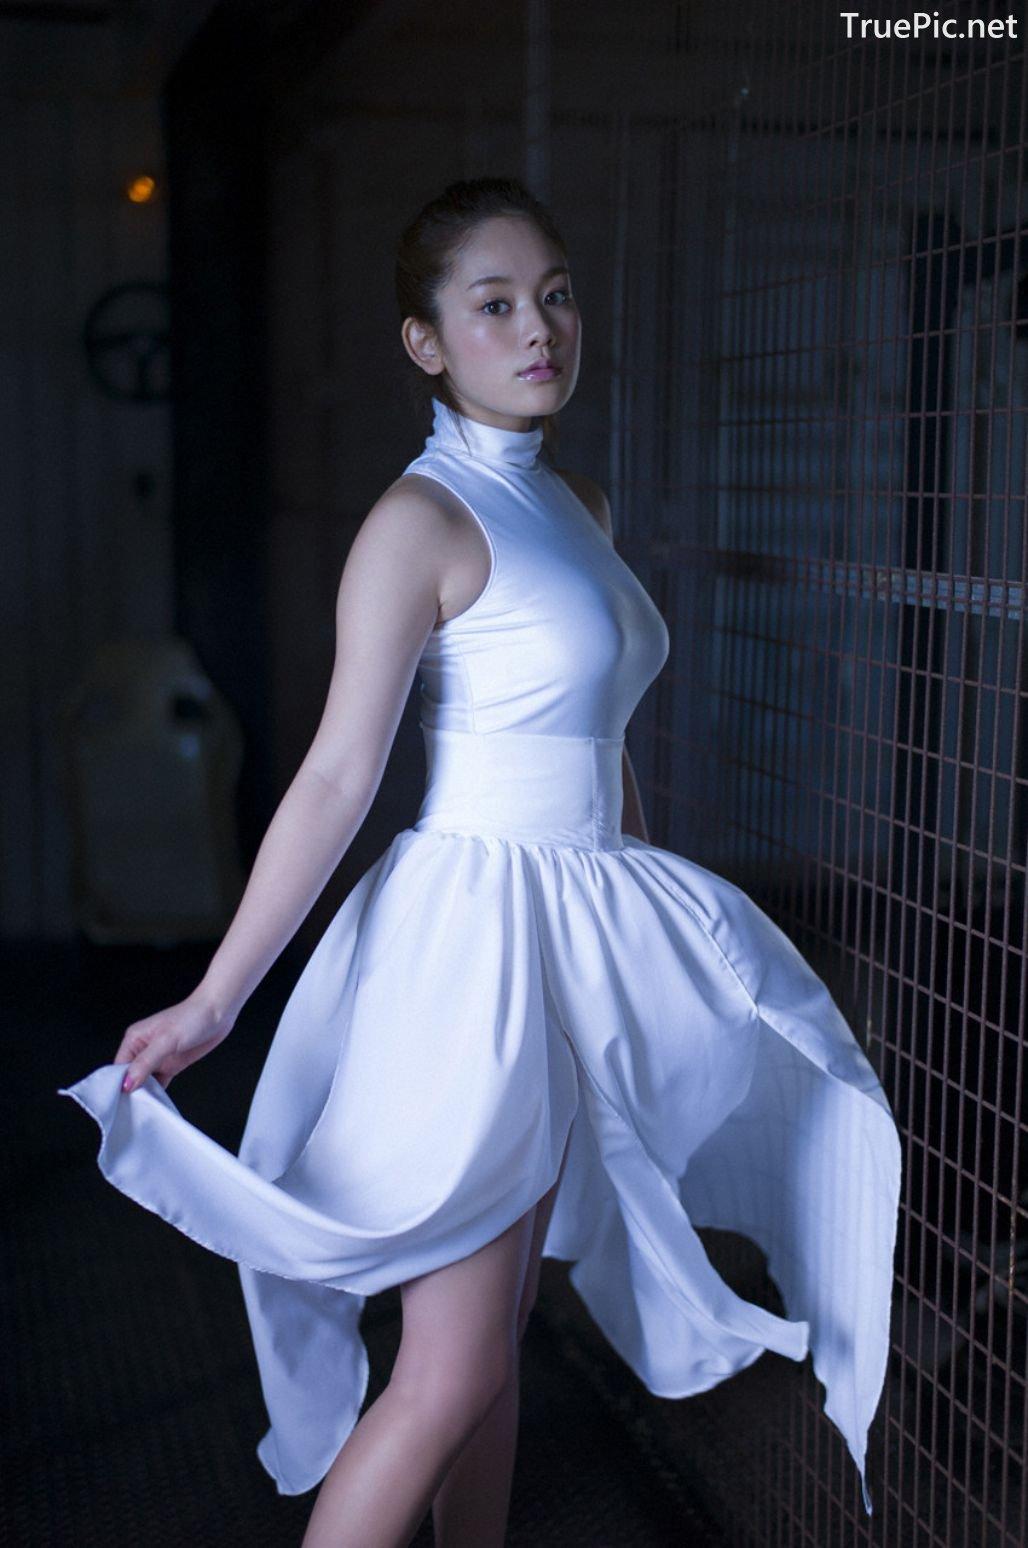 Image-Japanese-Gravure-Idol-Miwako-Kakei-Sexy-Japanese-Angel-With-Hot-Body-TruePic.net- Picture-8